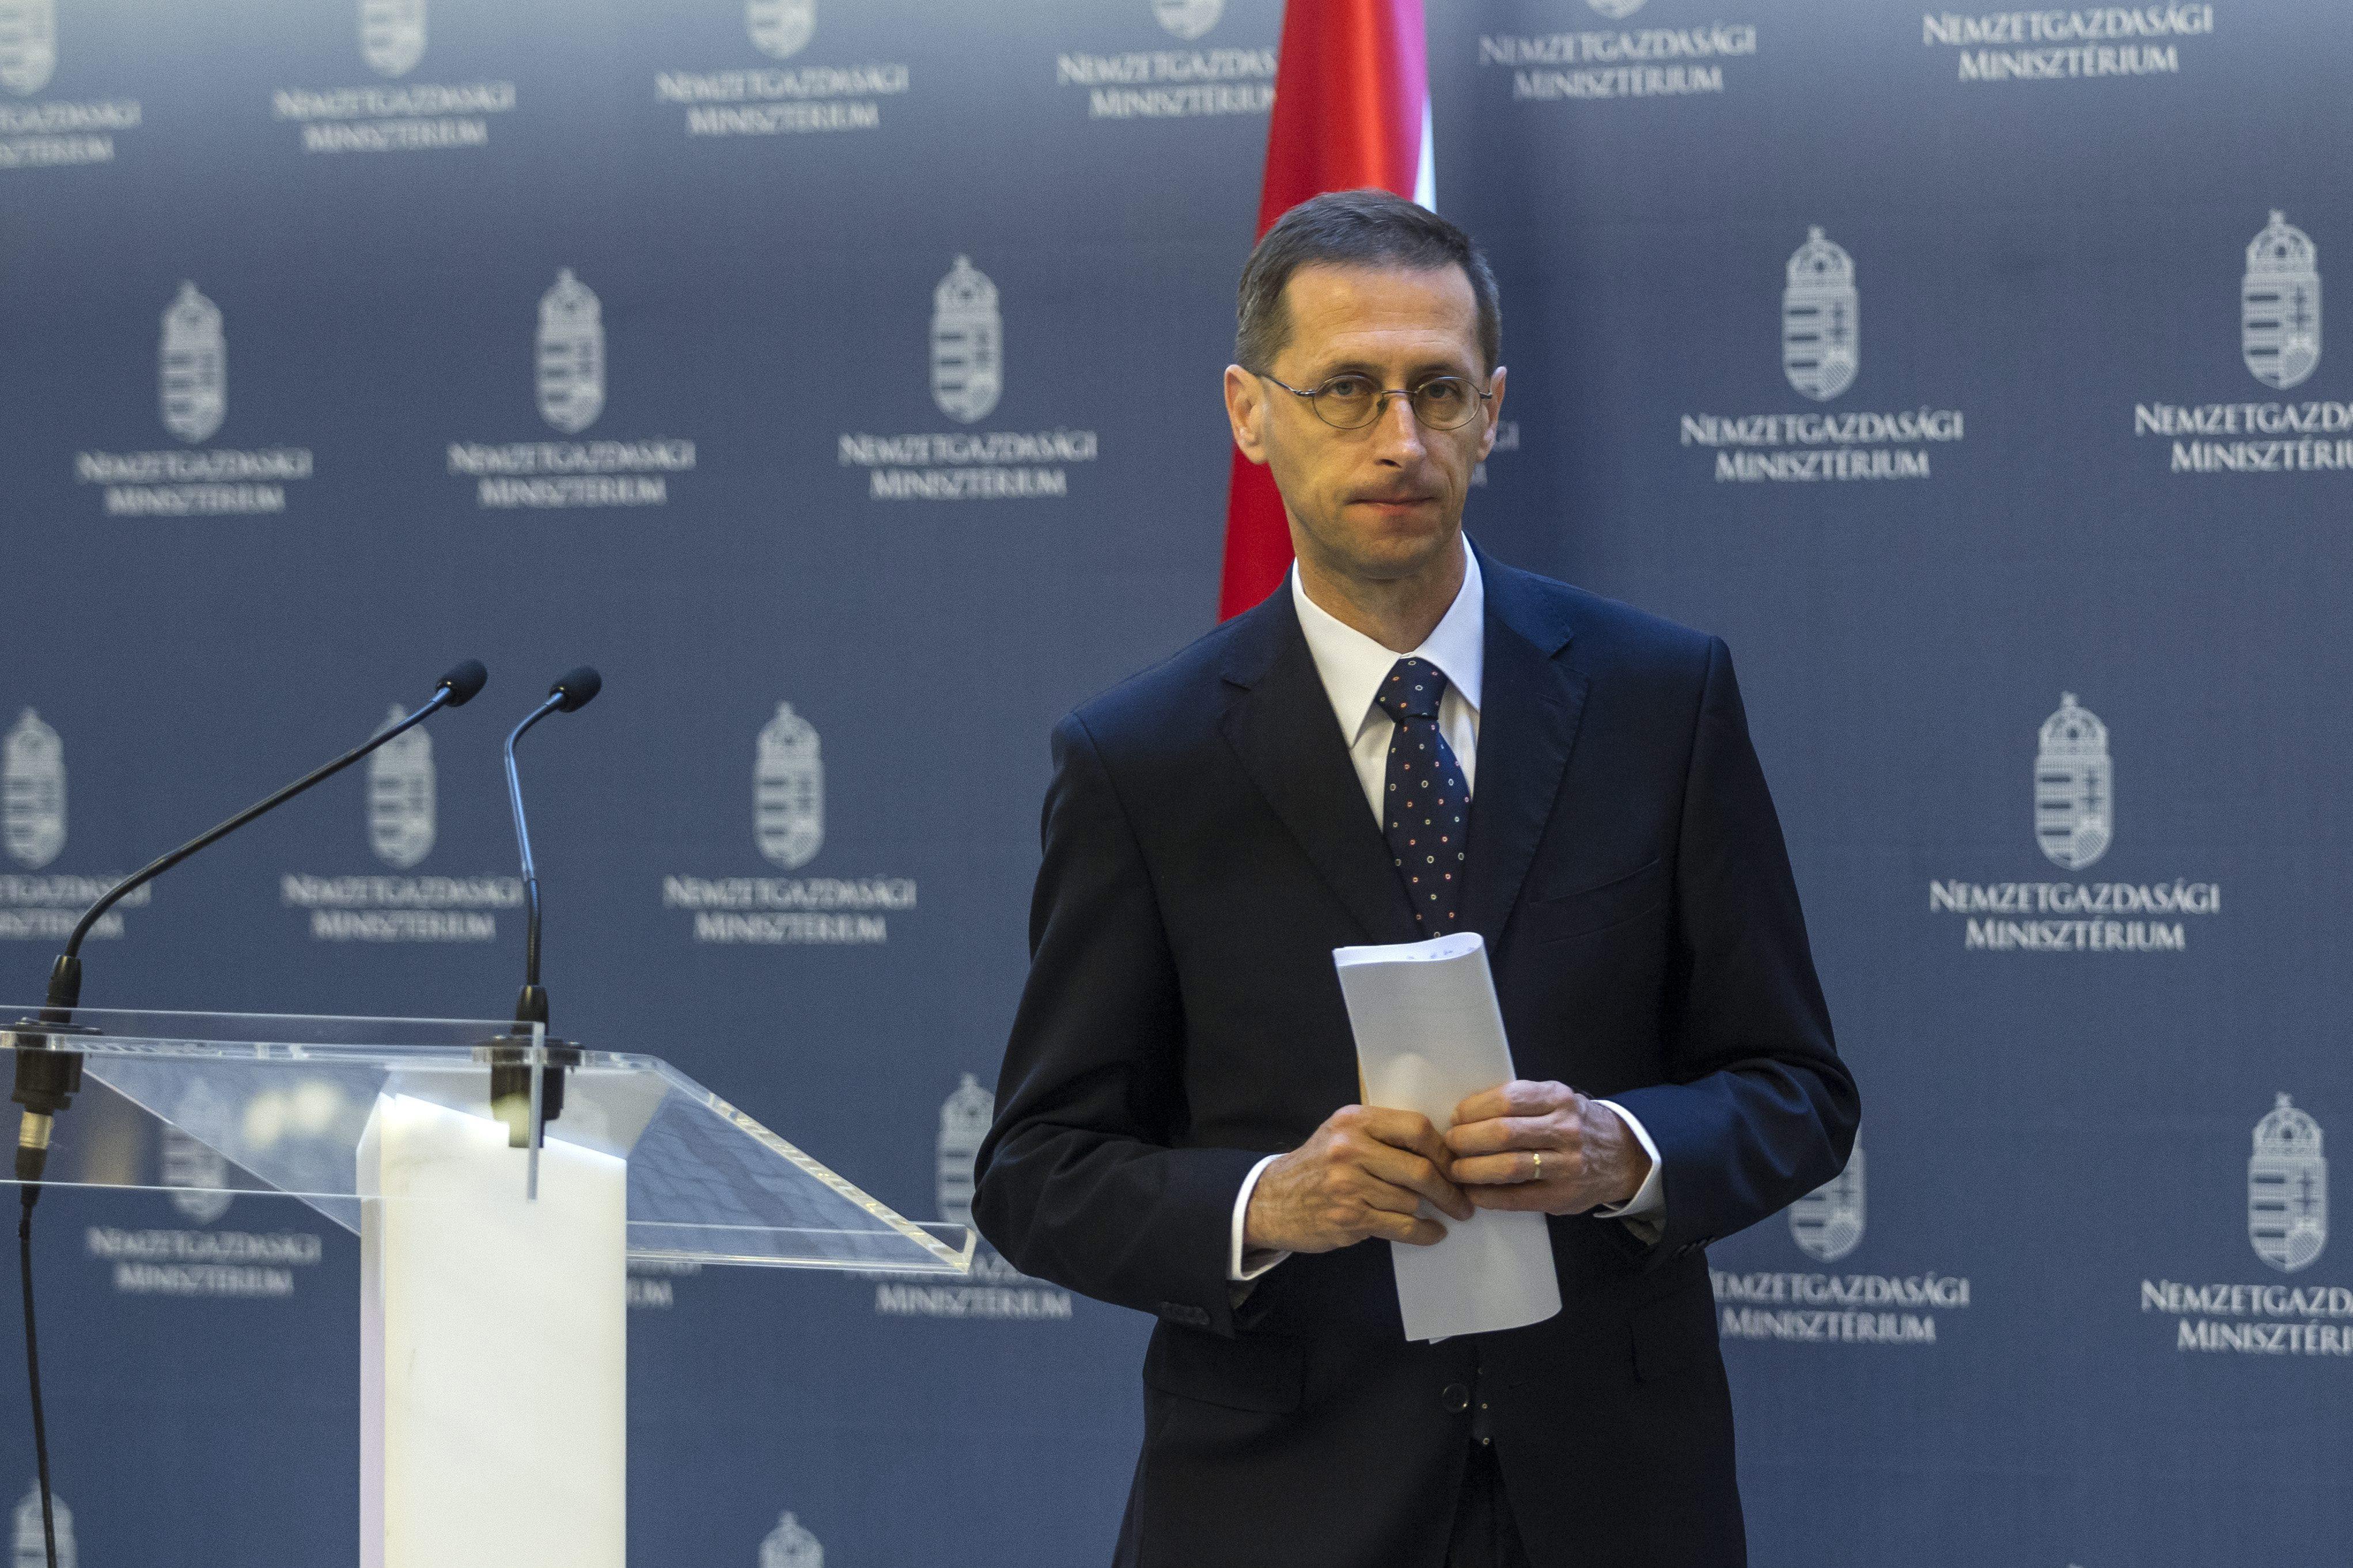 Varga Mihály elismerte, hogy a letelepedési kötvényen tulajdonképpen bukik az állam